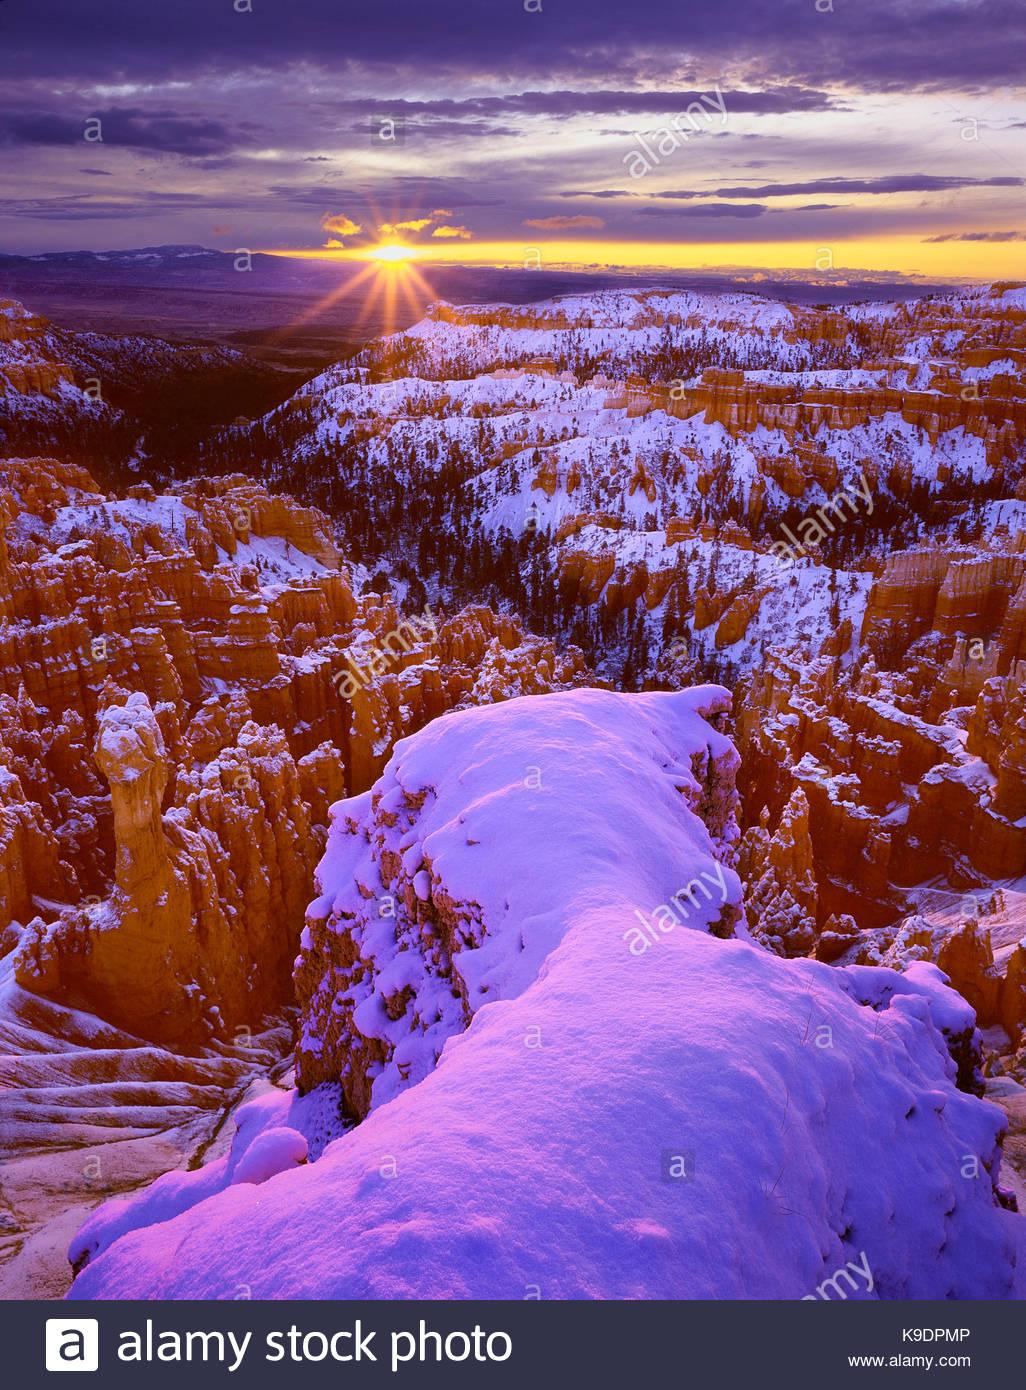 Sunrise near Inspiration Point, Bryce Canyon National Park, Utah - Stock Image